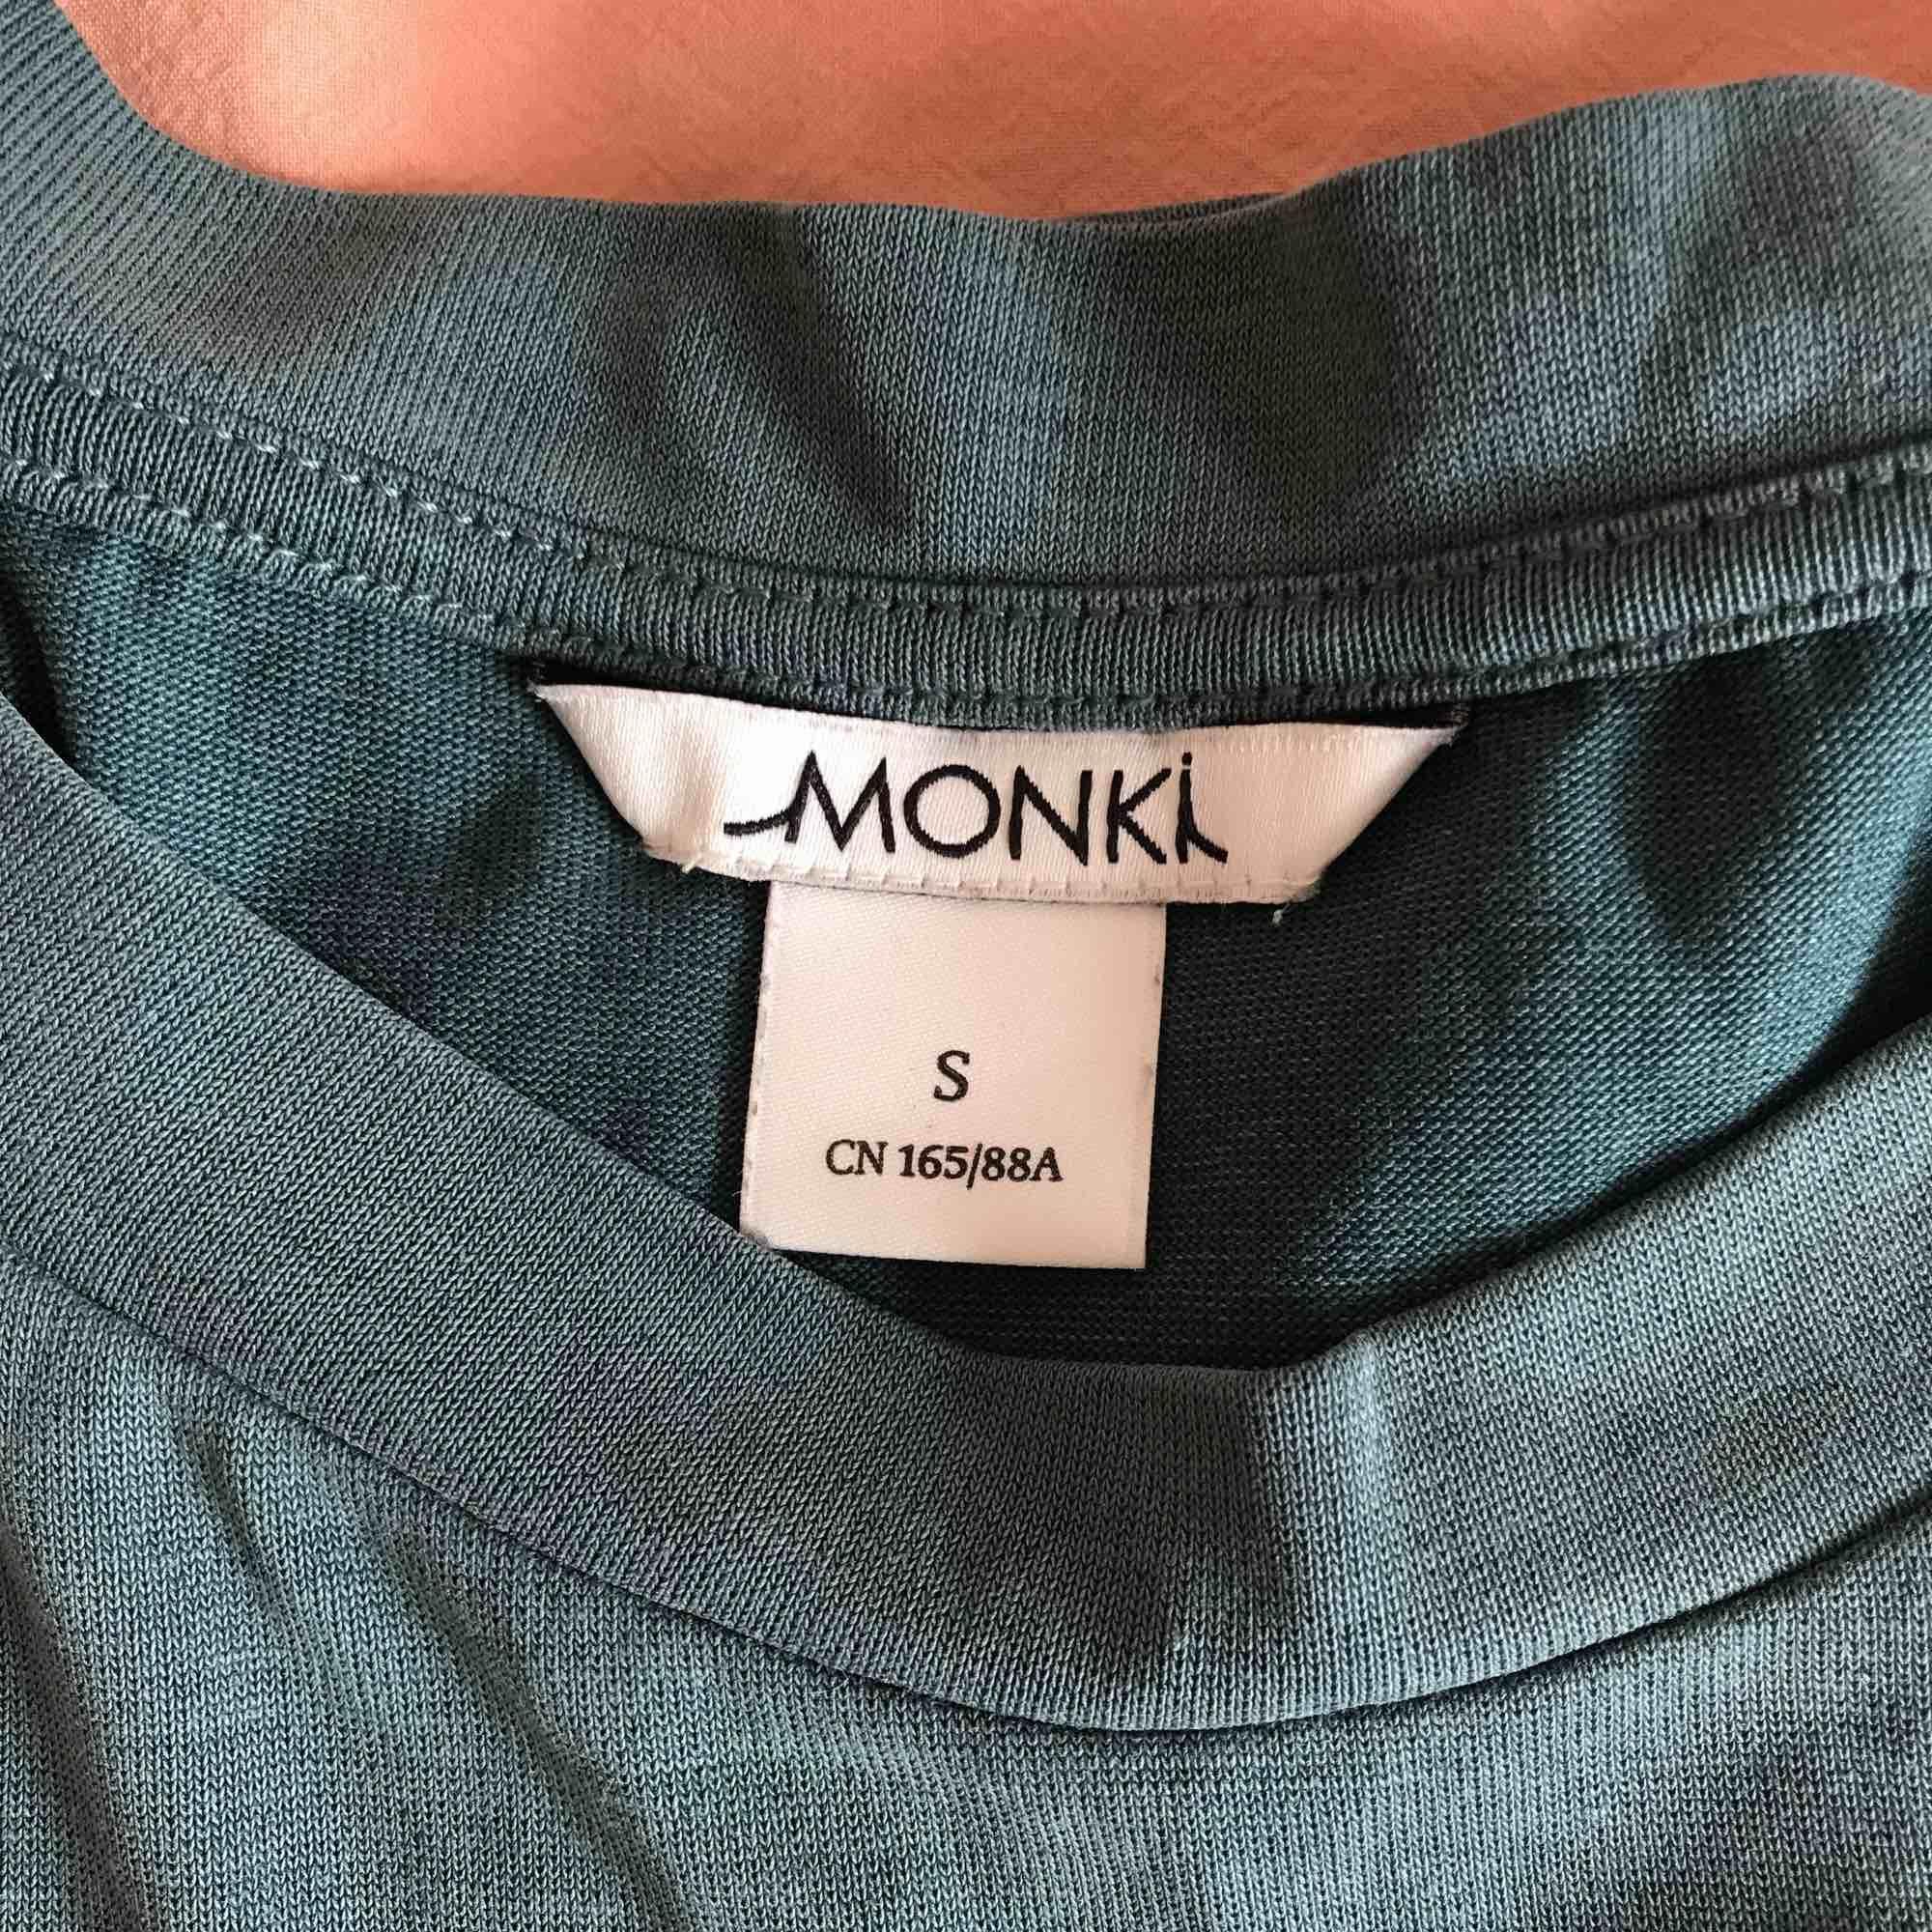 Petrolgrön tisha från monki, storlek s! Supermjuk och härli  🧤👗🧼🦚. T-shirts.